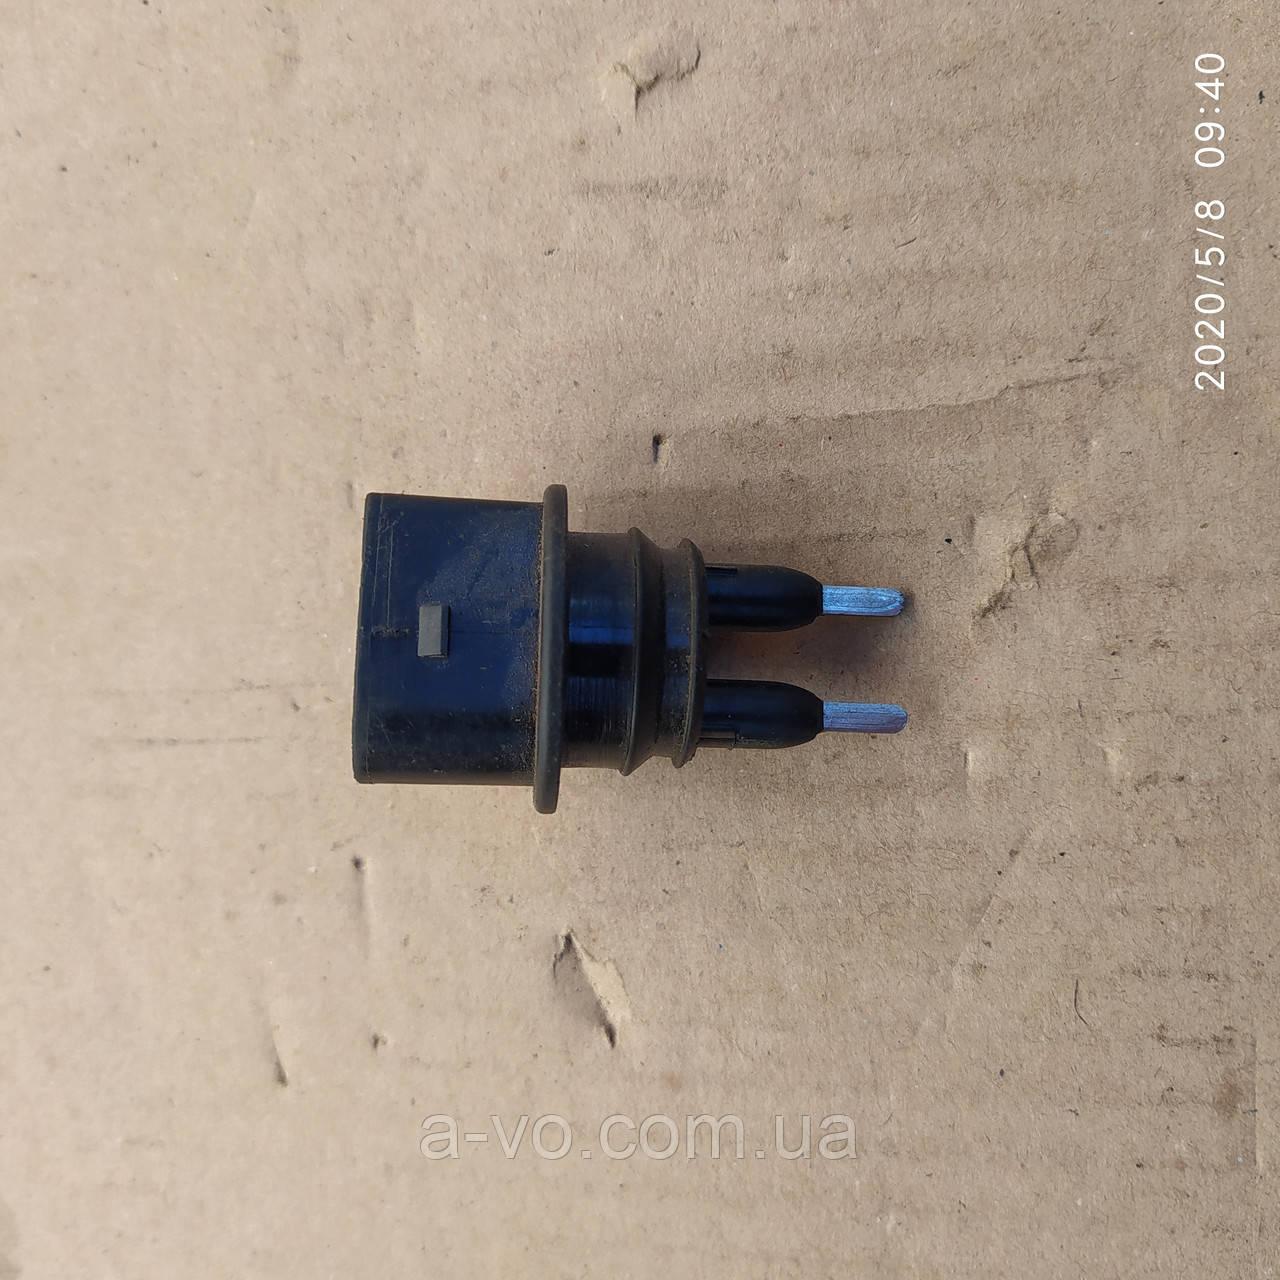 Датчик уровня житкости бачка умывателя VW Passat B 5 Golf 57M0919376